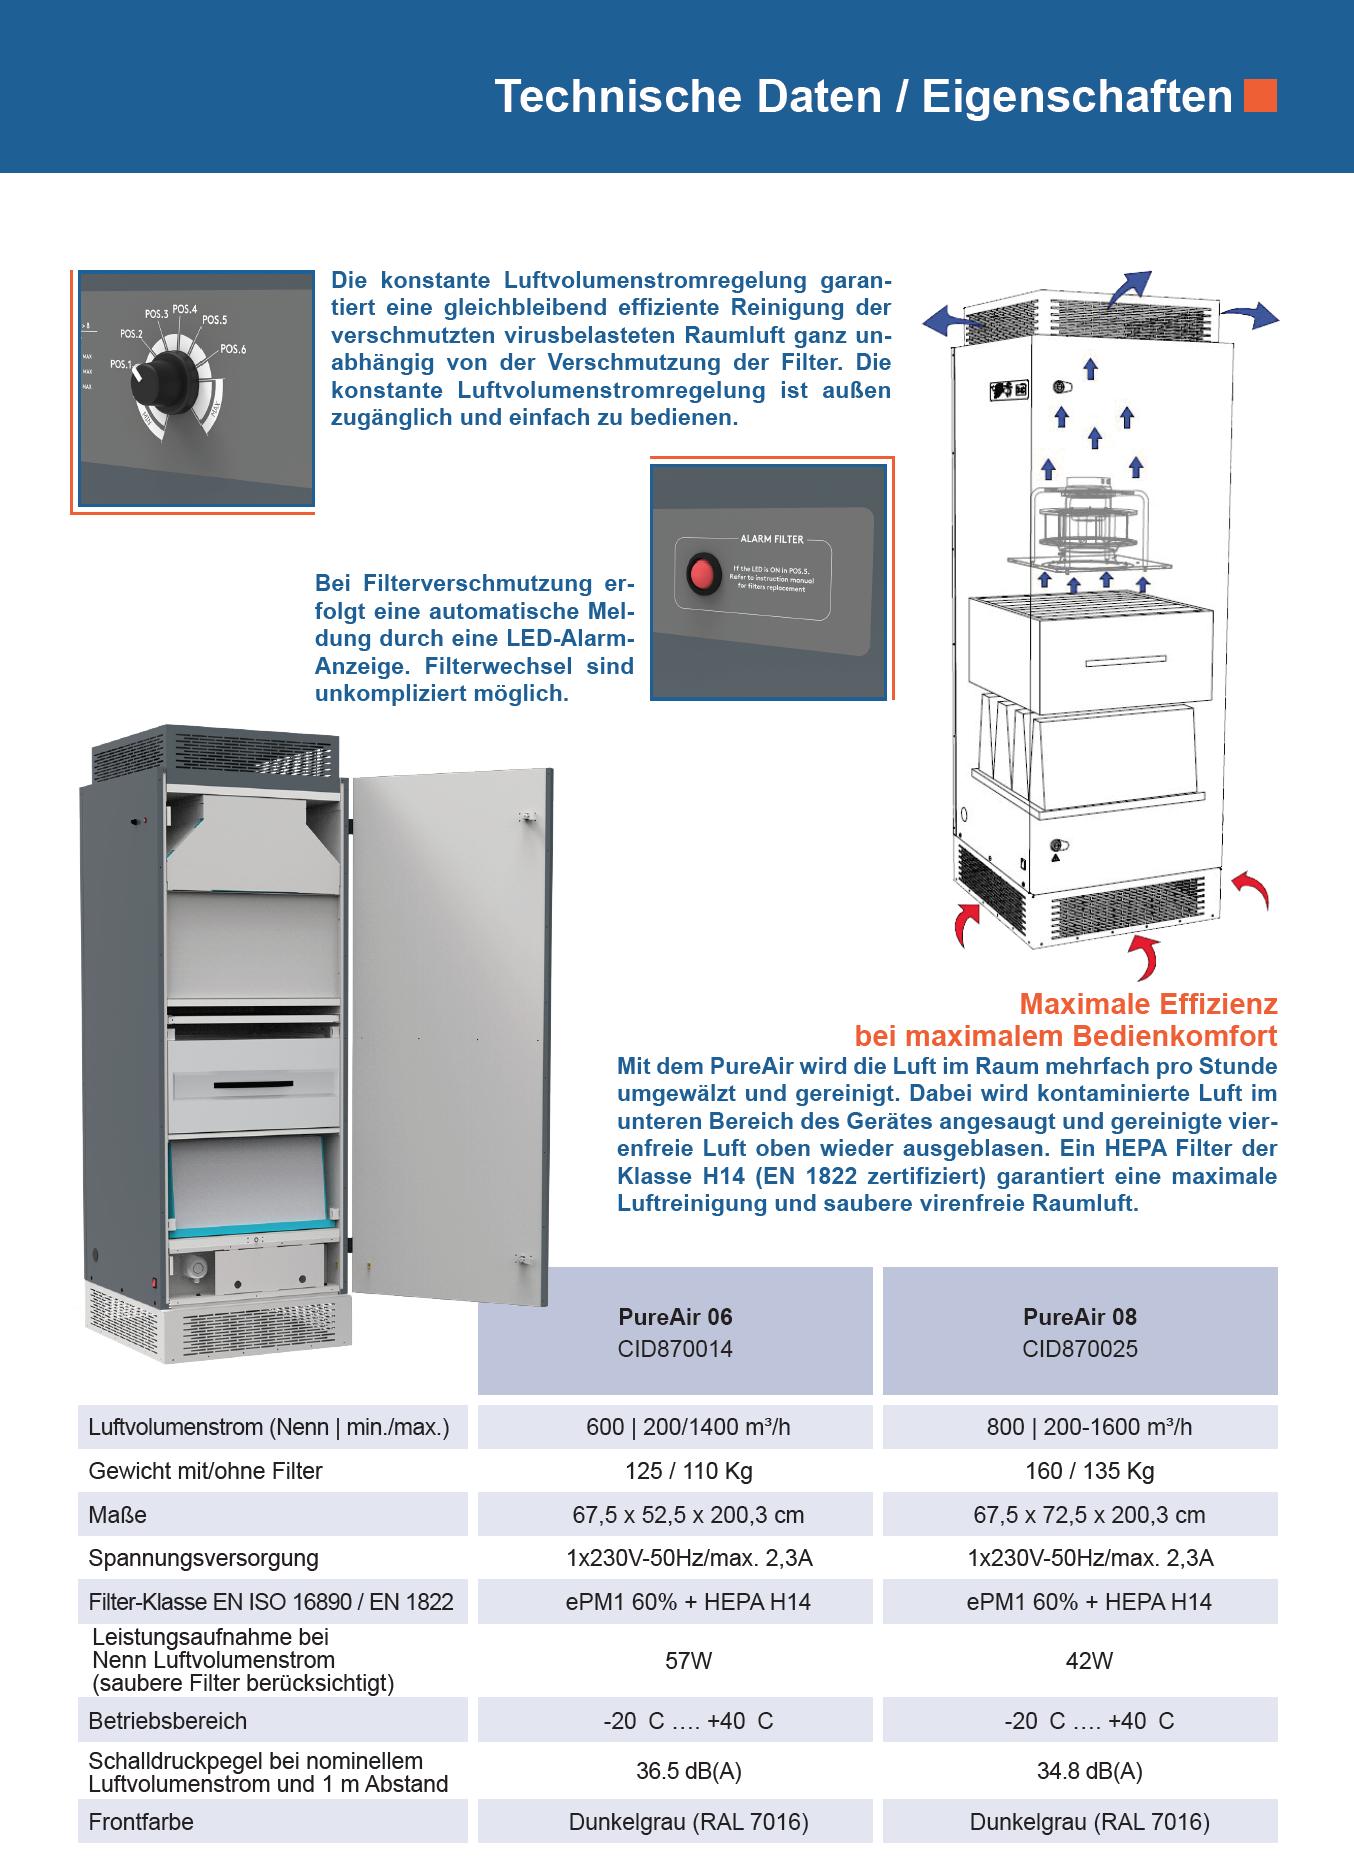 Technische Daten HomeAir Luftreiniger für Gebäude mit Luftfilter